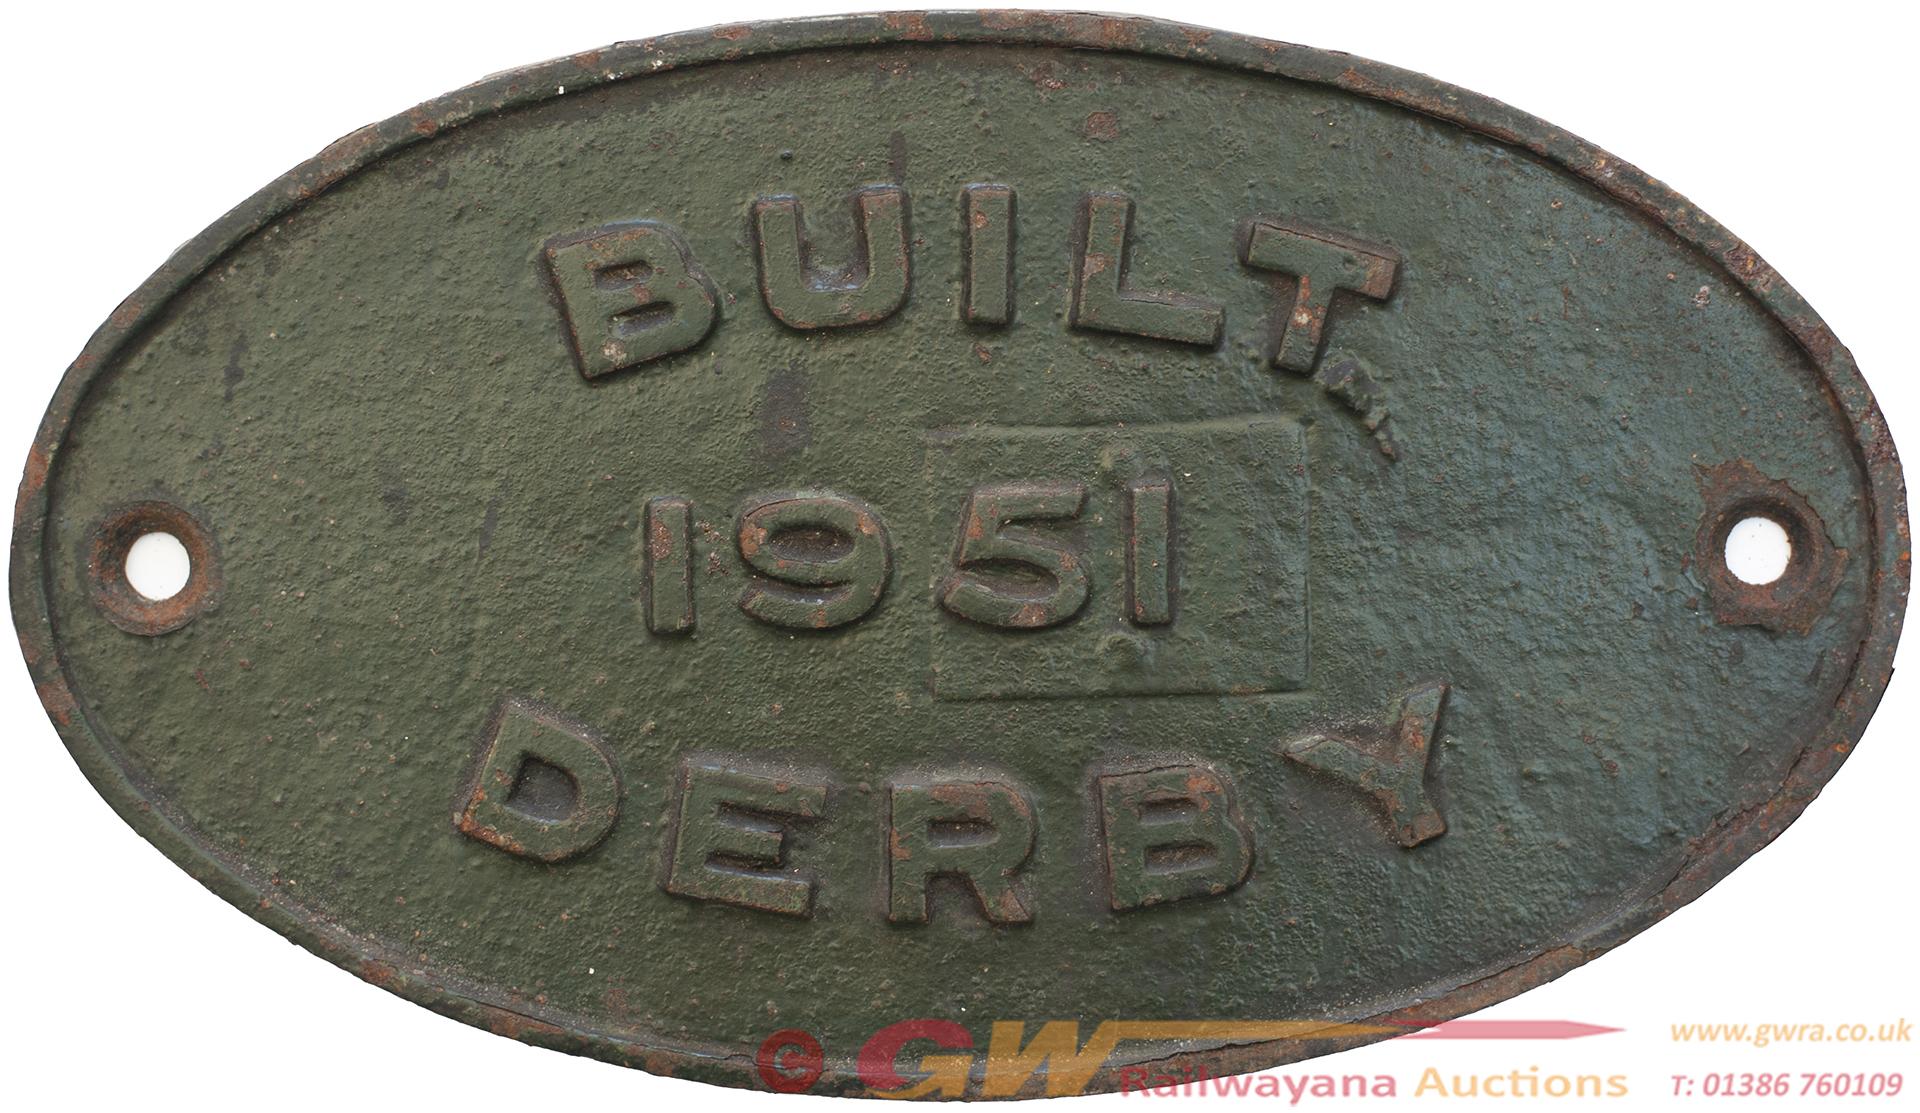 Worksplate BUILT 1951 DERBY Ex British Railways